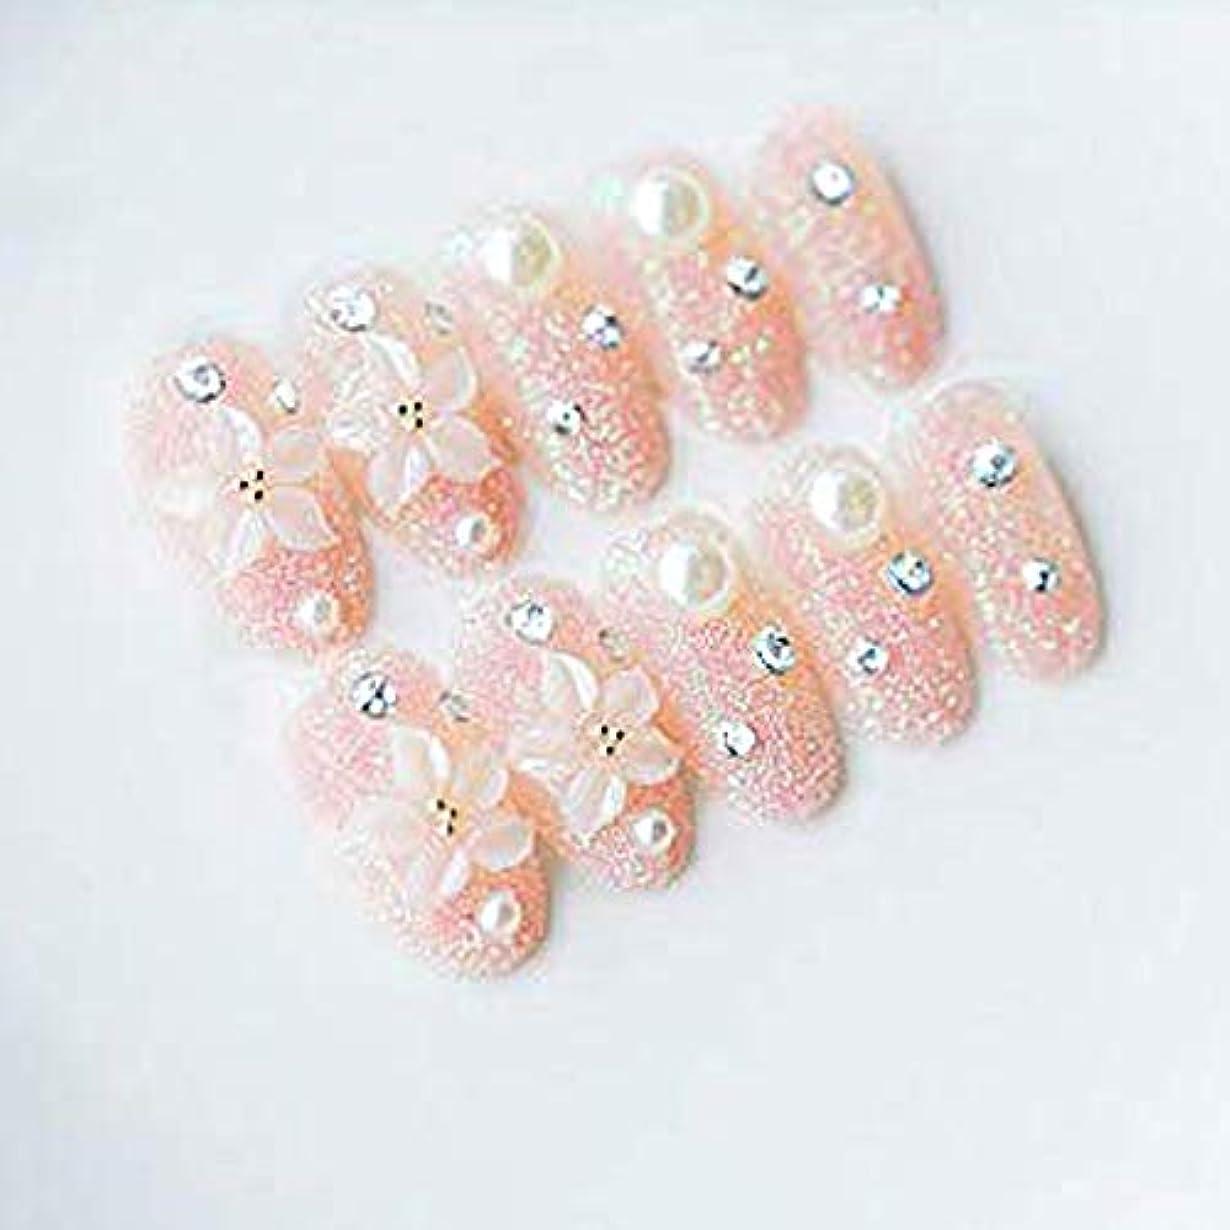 ファイナンスクラッチ建設24枚 手作りネイルチップ 花を彫る キラキラ 和装ネイル 手作りネイルチップ 可愛い優雅ネイル